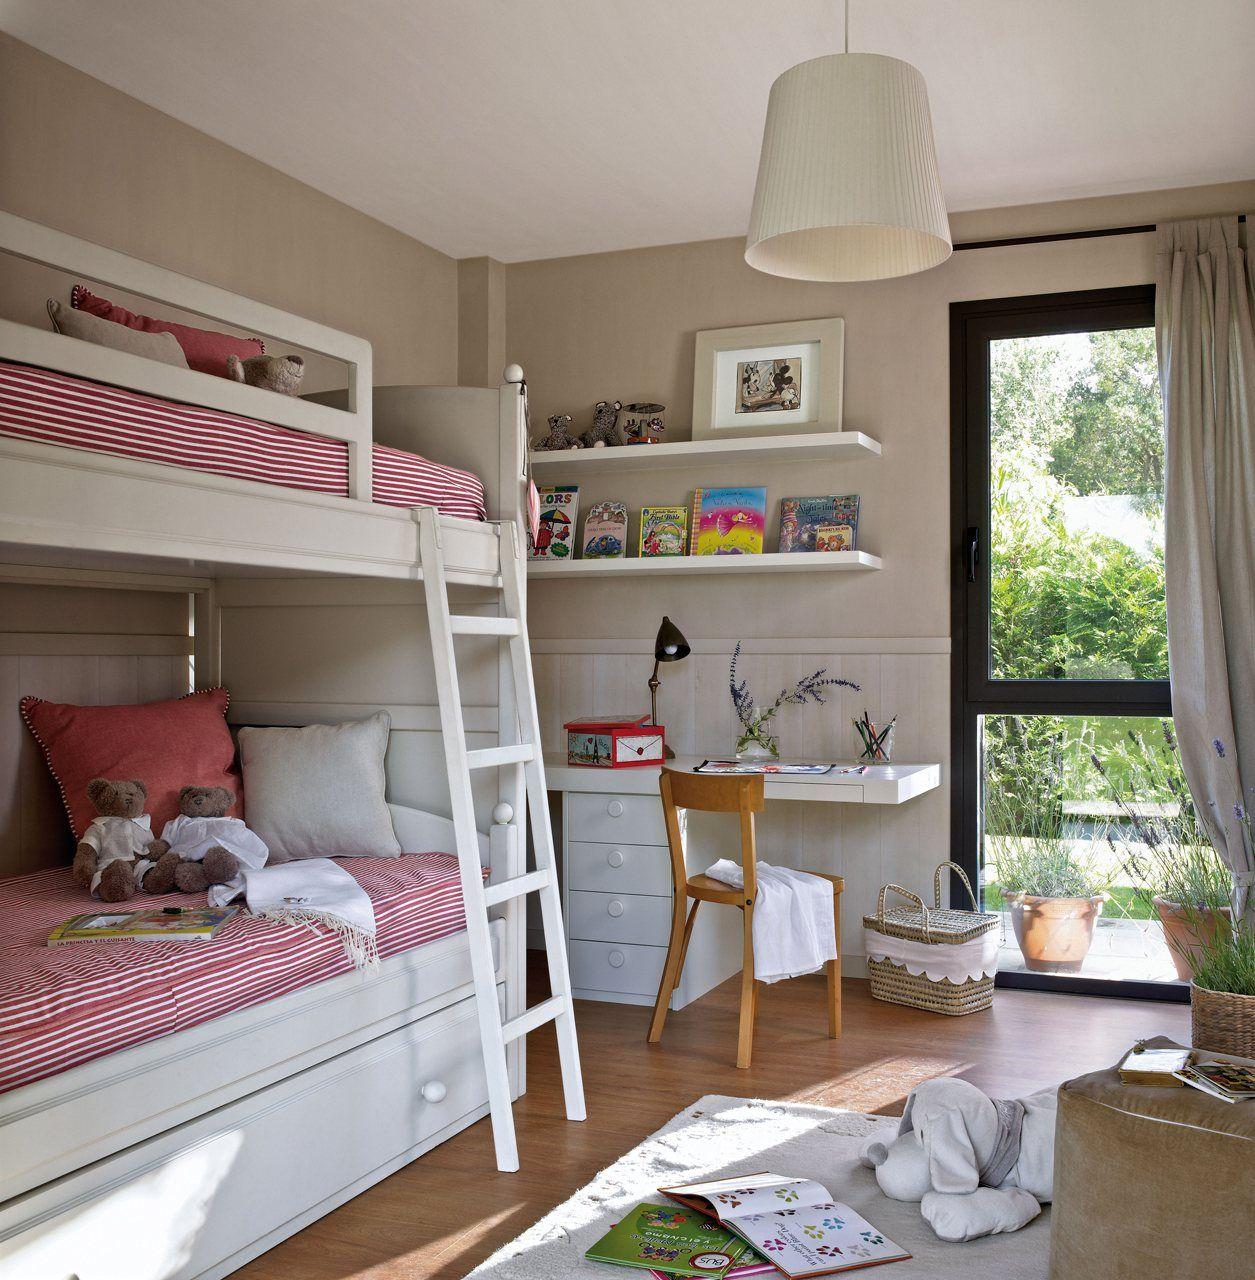 dormitorios infantiles pequeos scales partido elmueblecom nios